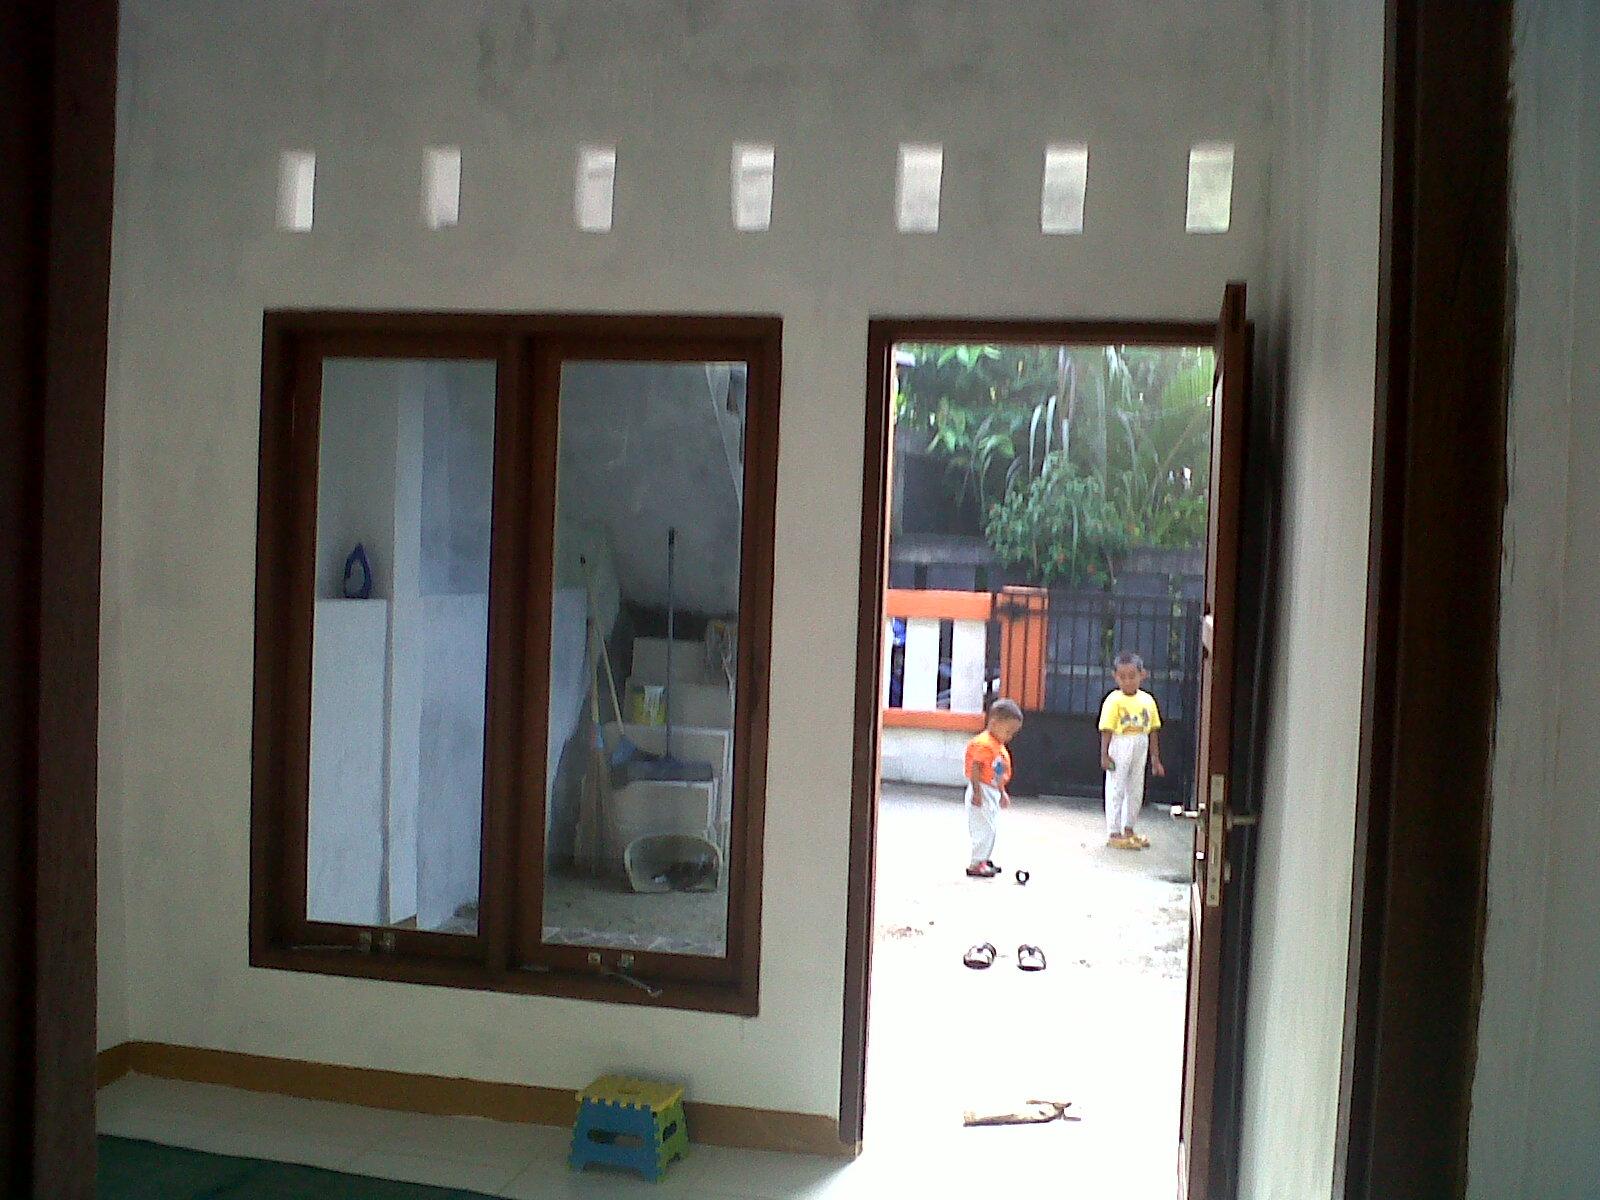 Desain Ruang Tamu Rumah Kontrakan & Desain Ruang Tamu Rumah Kontrakan | Wallpaper Dinding